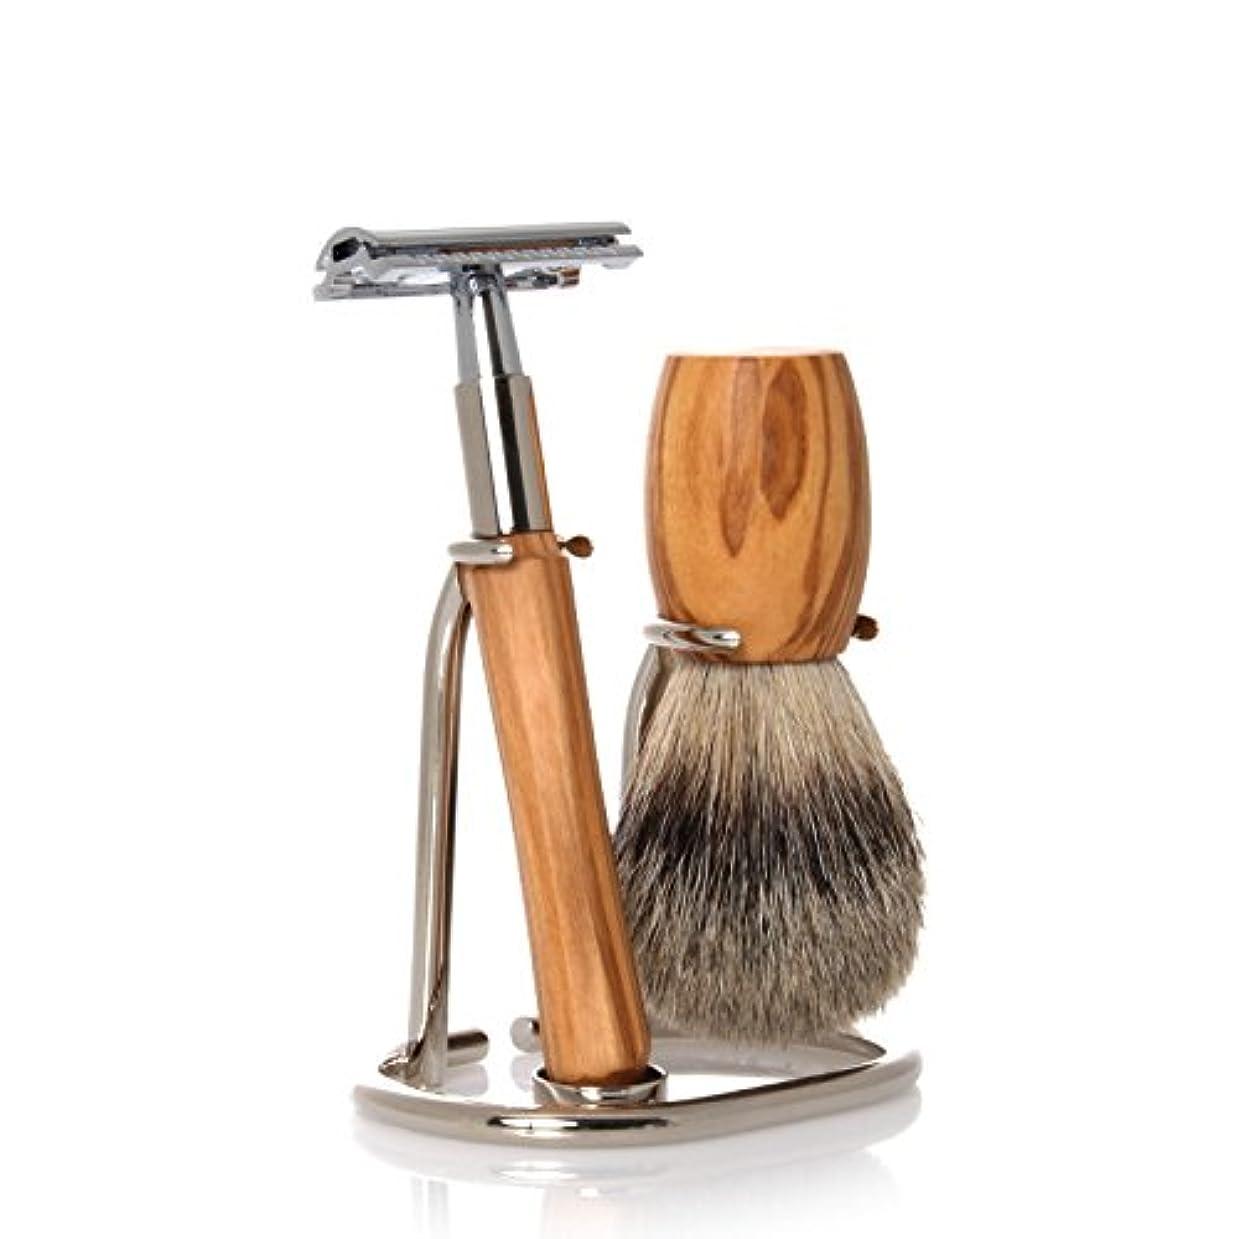 フリースグローバル新着GOLDDACHS Shaving Set, Safety razor, Finest Badger, olive wood